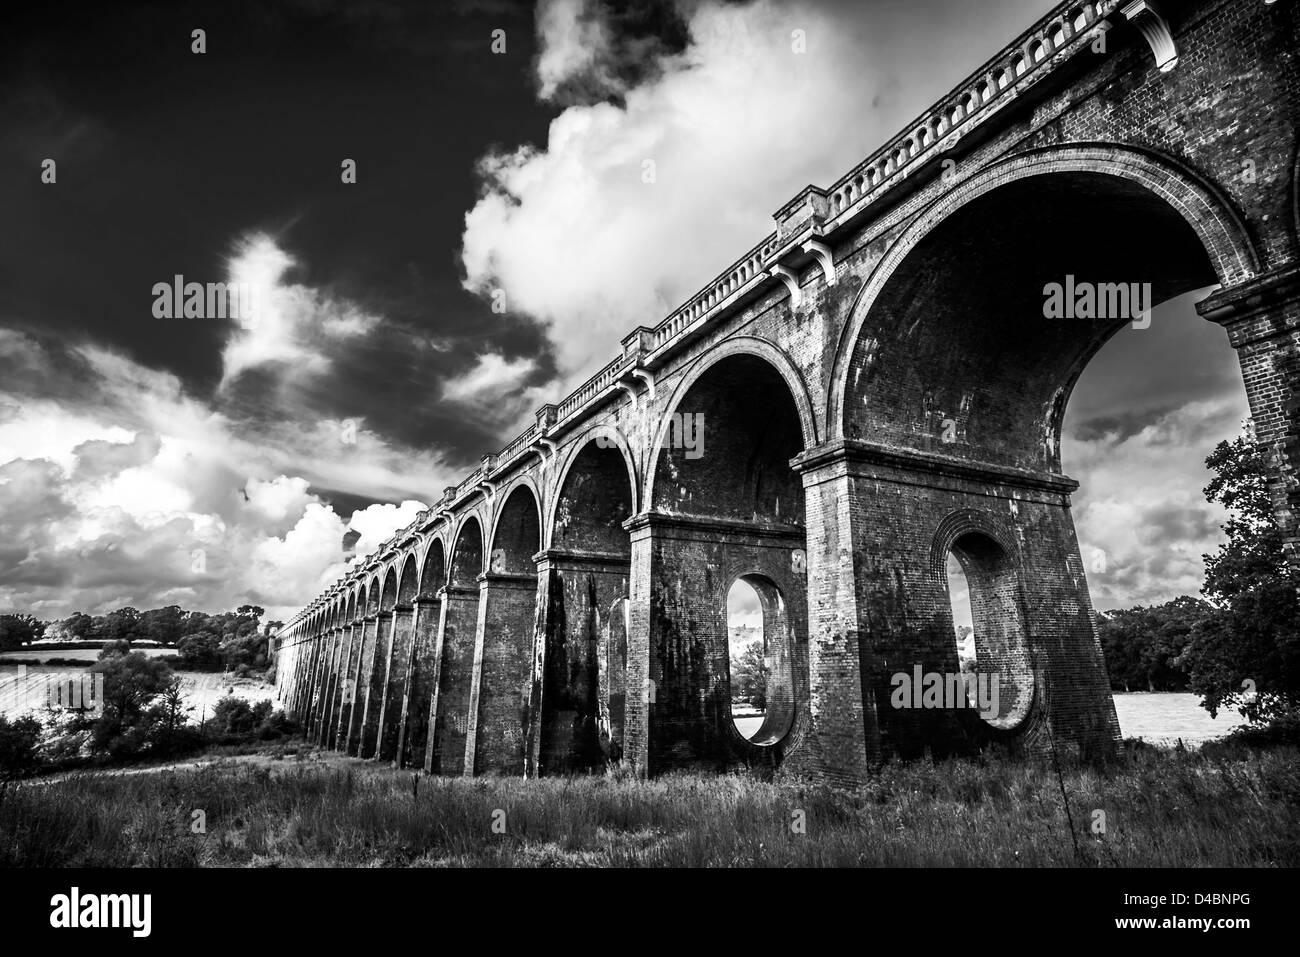 Schwarze und weiße Ouse Valley Viadukt Brücke in West Sussex, UK Stockbild